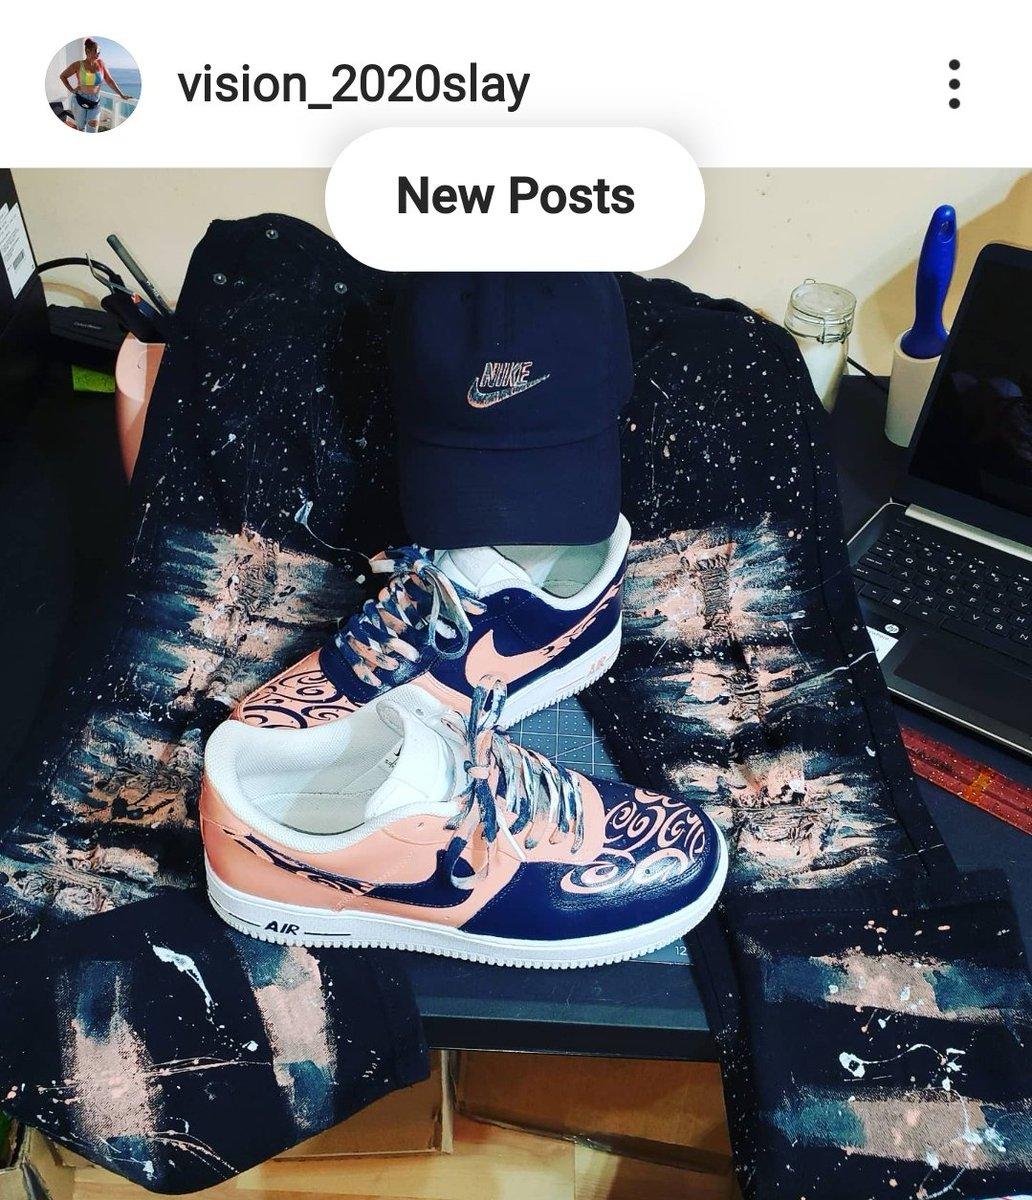 SLAY, LLC CUSTOM MADE SNEAKERS & CLOTHING!!! #BlackOwnedBusiness #designer #sneakers #entrepreneur #custommade #branding #SupportBlackOwnedBusinesses